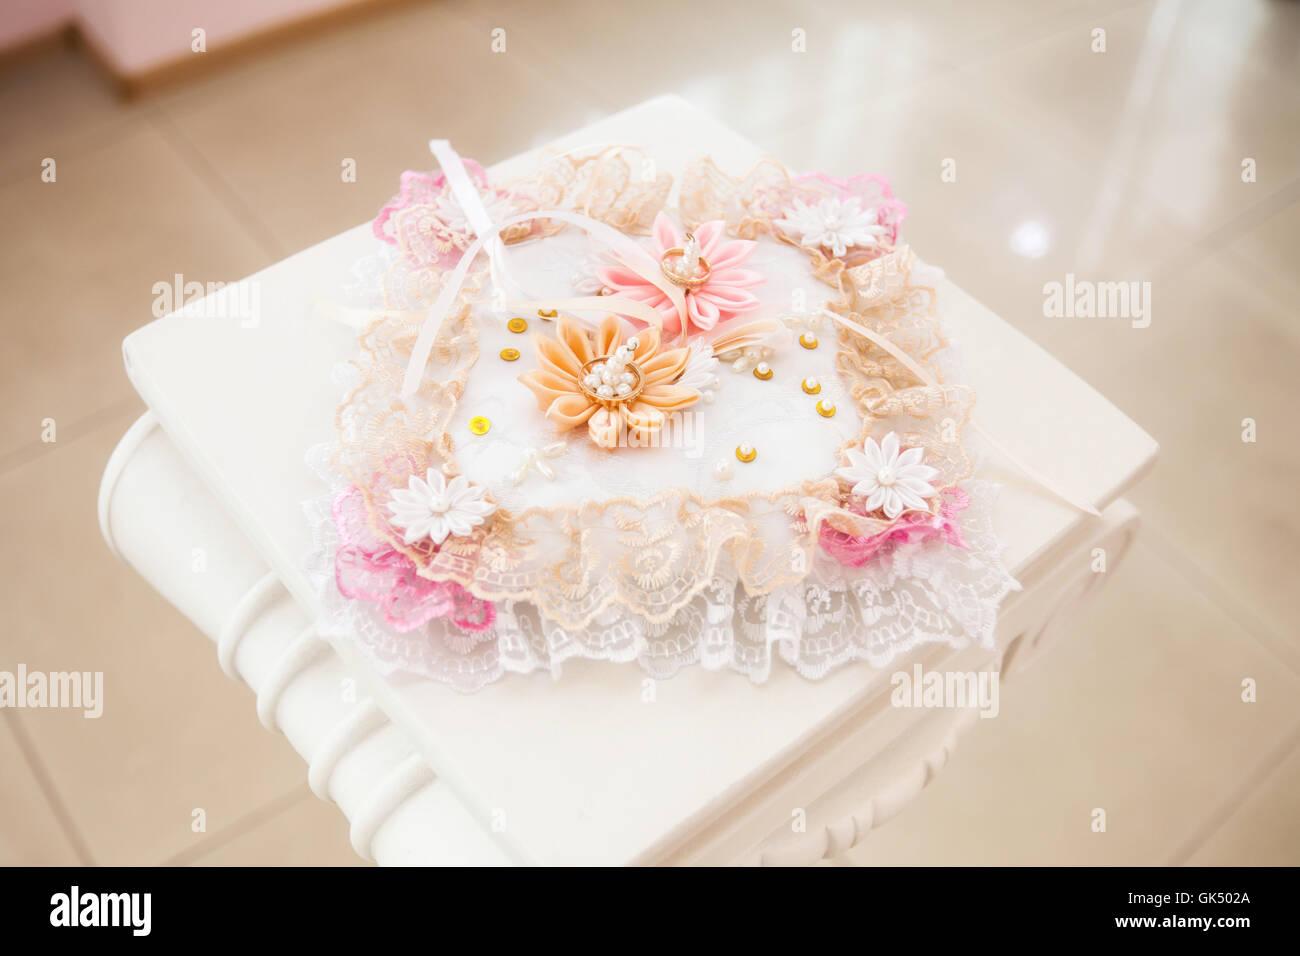 Goldene Hochzeit Ringe Auf Weissen Kissen Mit Blumen Geschmuckt